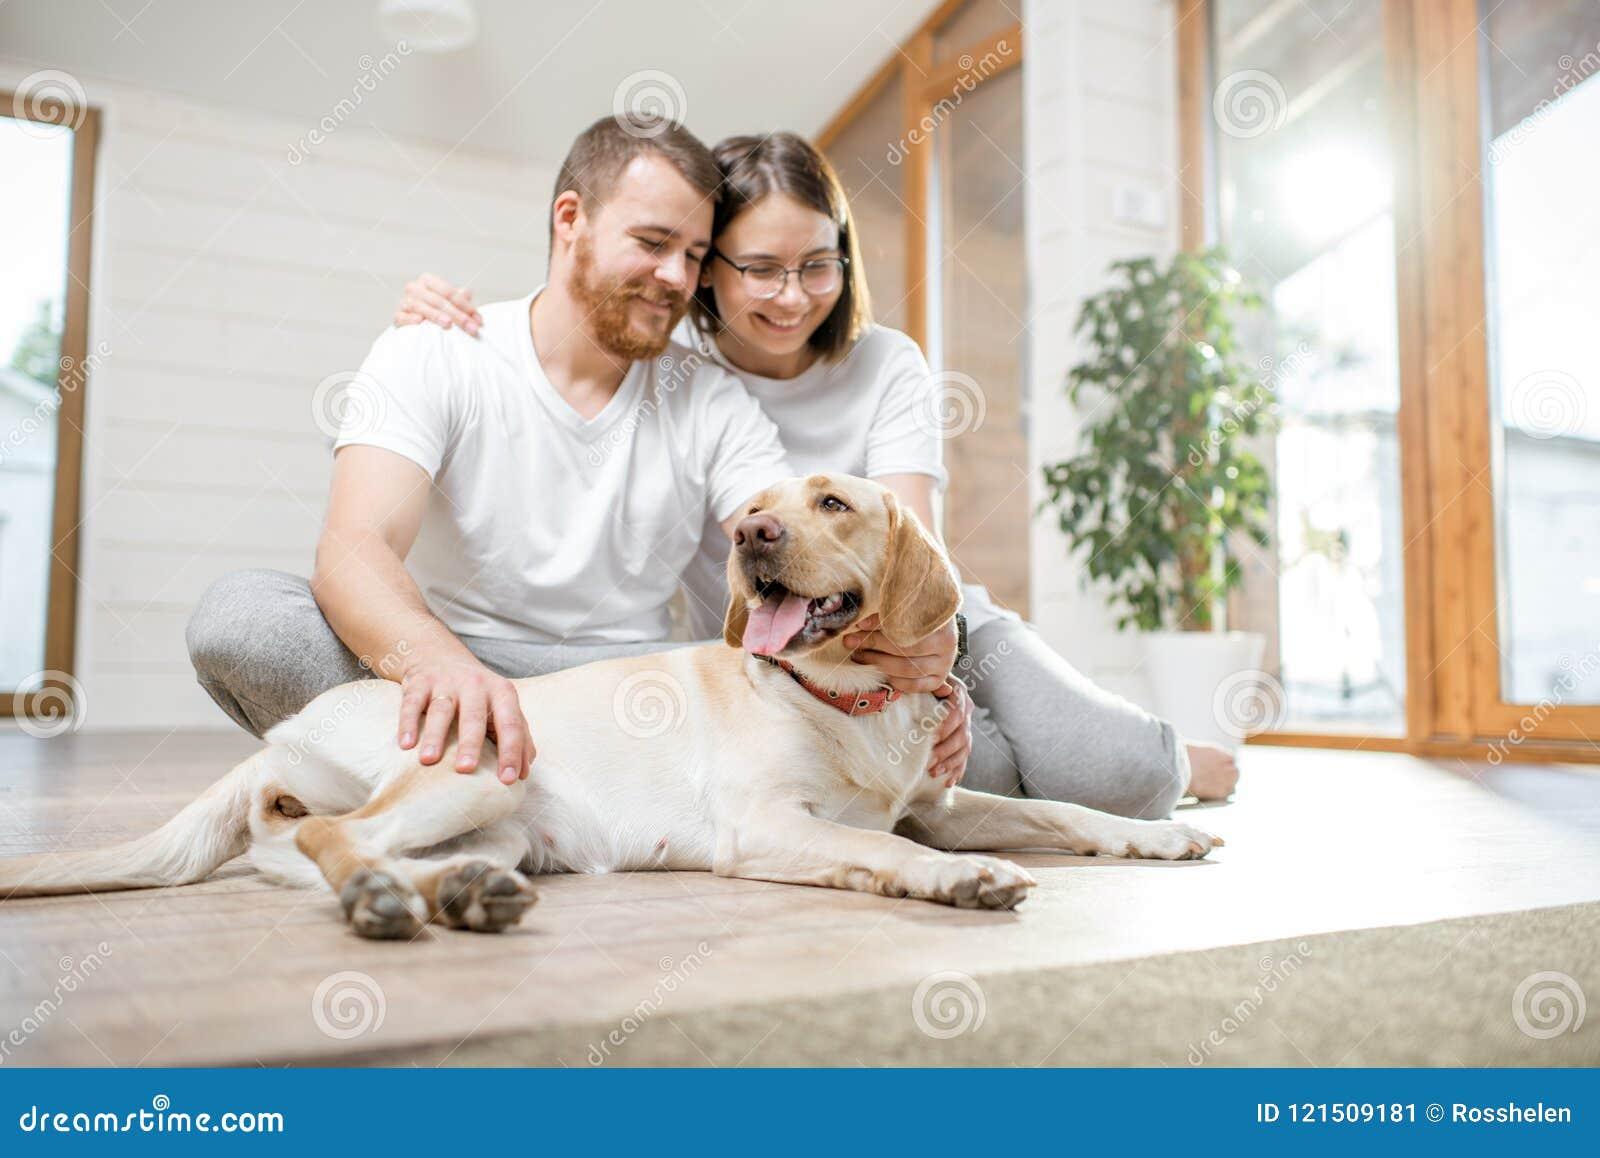 Paar met hond in het huis